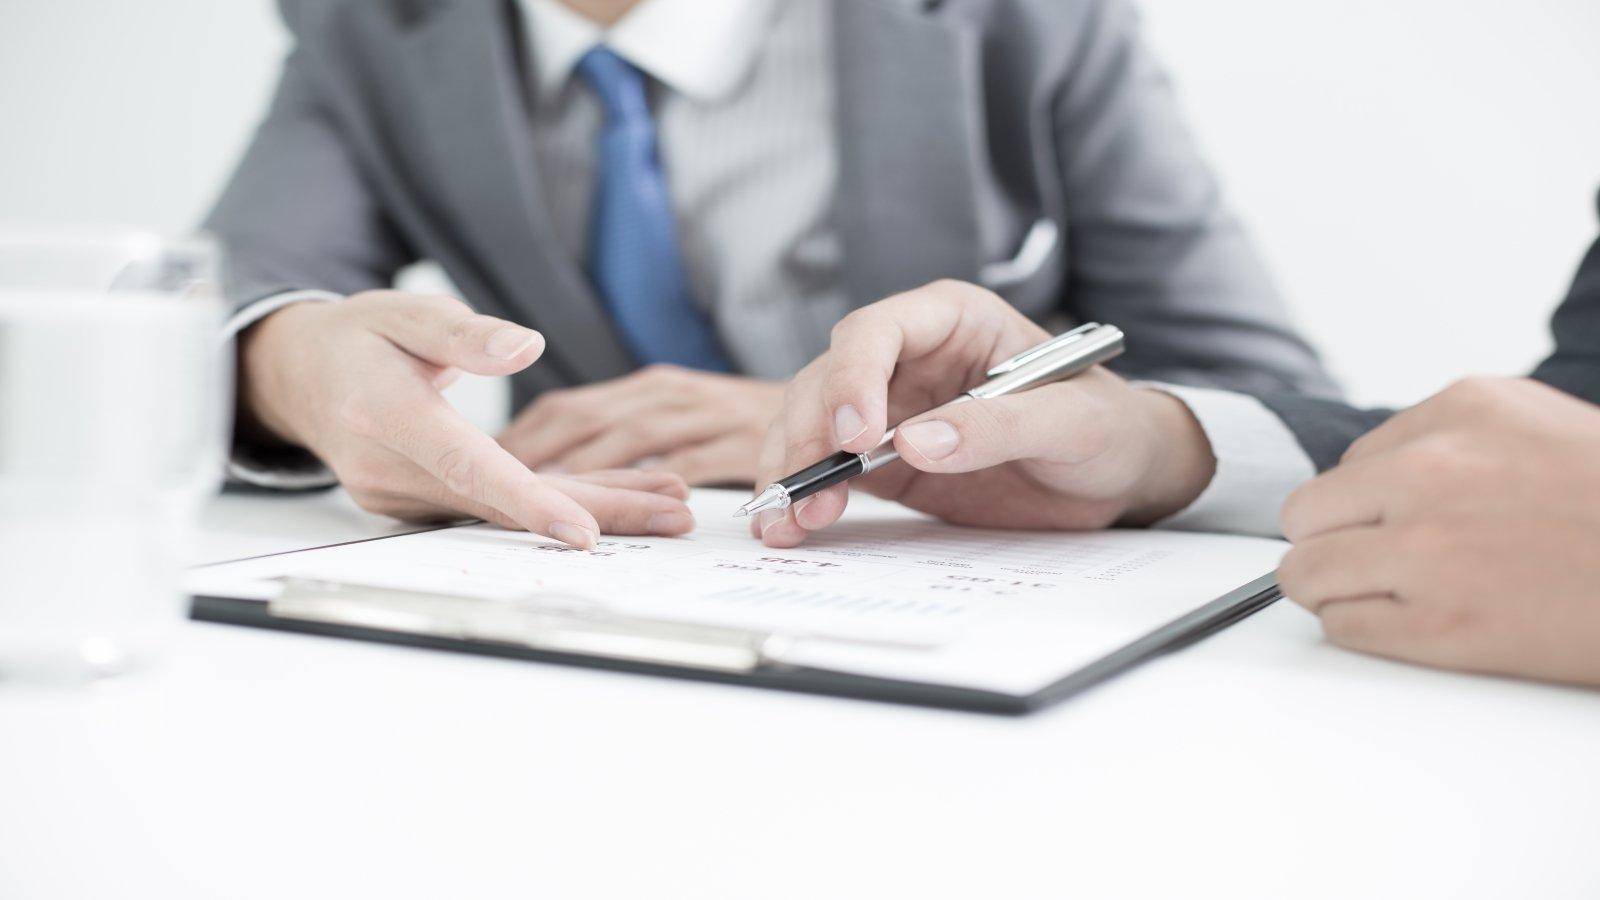 Le mani di due uomini che parlano su documenti e che uno segnala con il biro